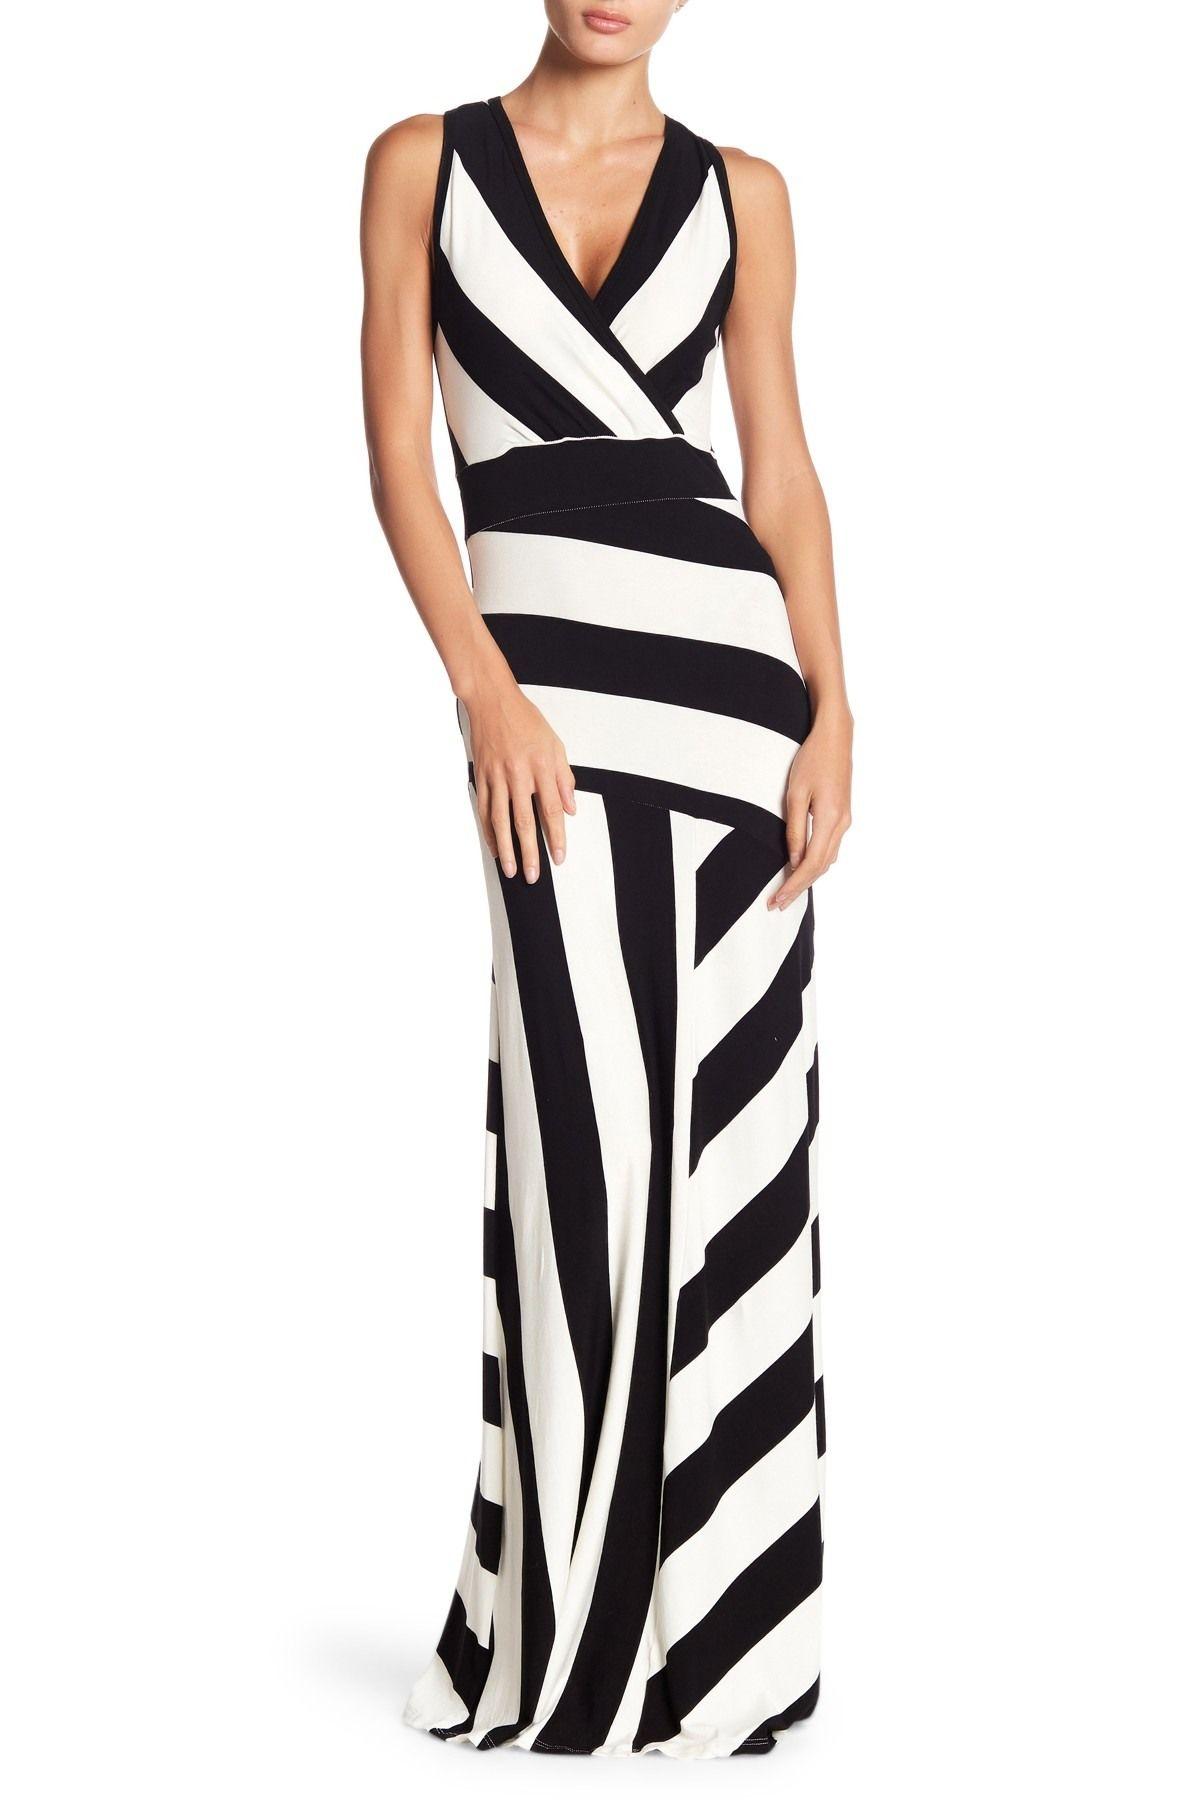 Go Couture Sleeveless Maxi Stripe Dress Nordstrom Rack Maxi Dress Striped Maxi Dresses Striped Dress [ 1800 x 1200 Pixel ]